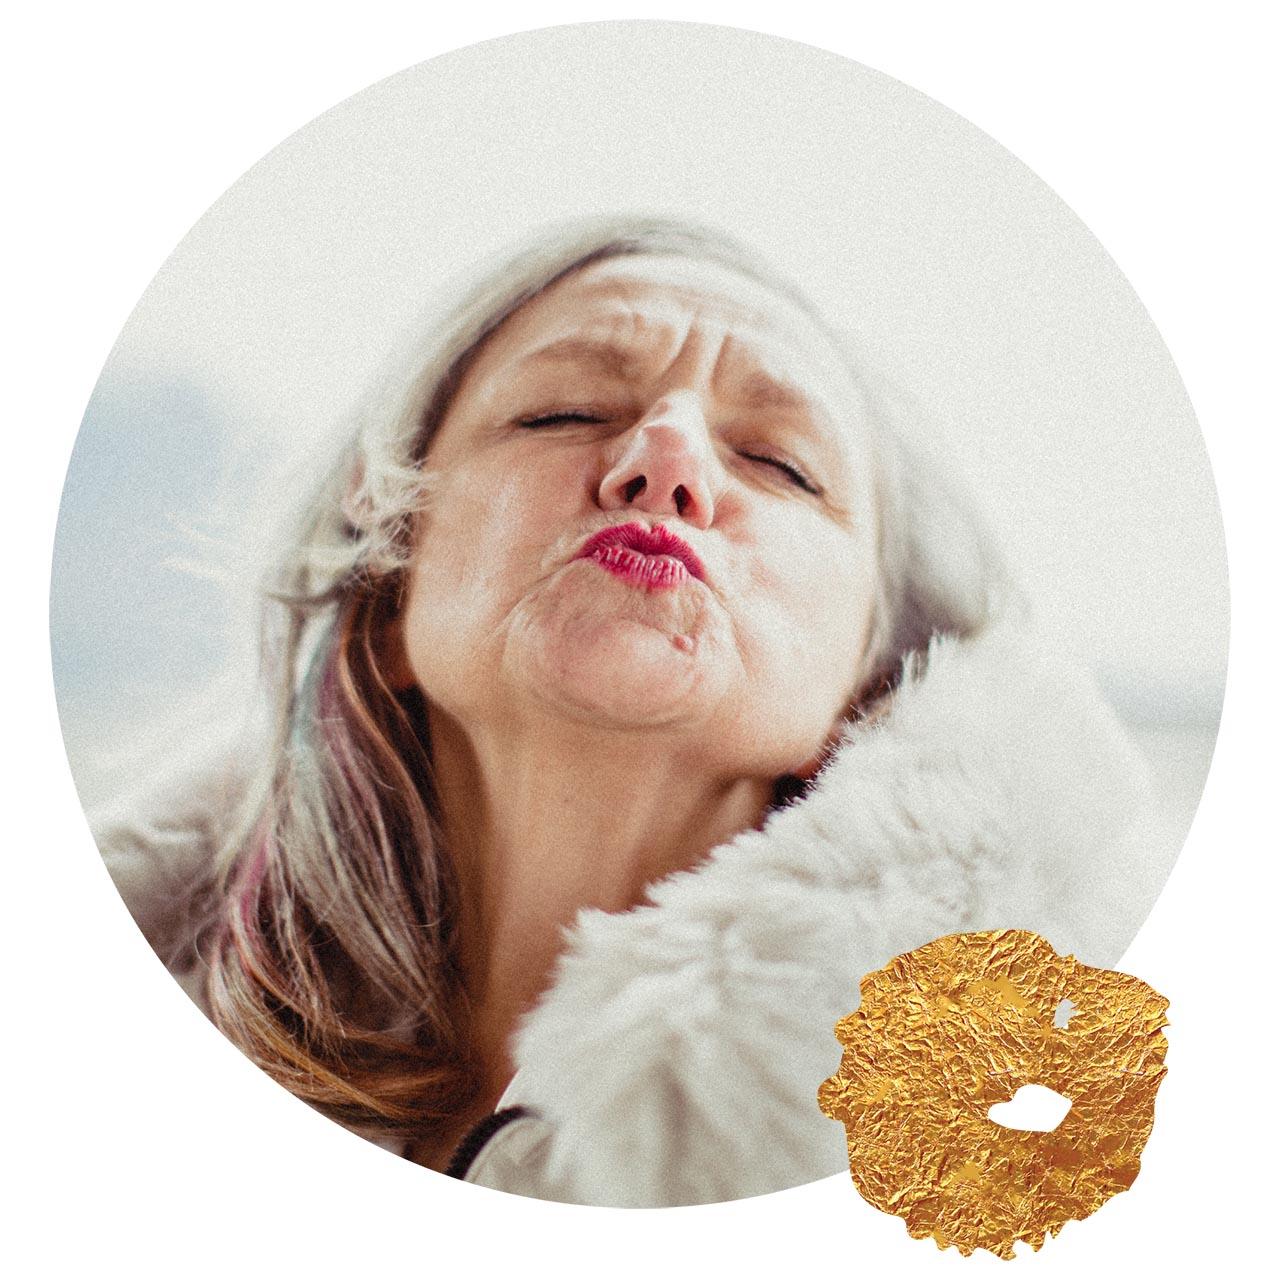 Vayana - einfach sein - Josefine Pfeifhofer bedankt sich bei allen Begleitern auf ihrem Weg - Kussmund und Goldklecks am Bild